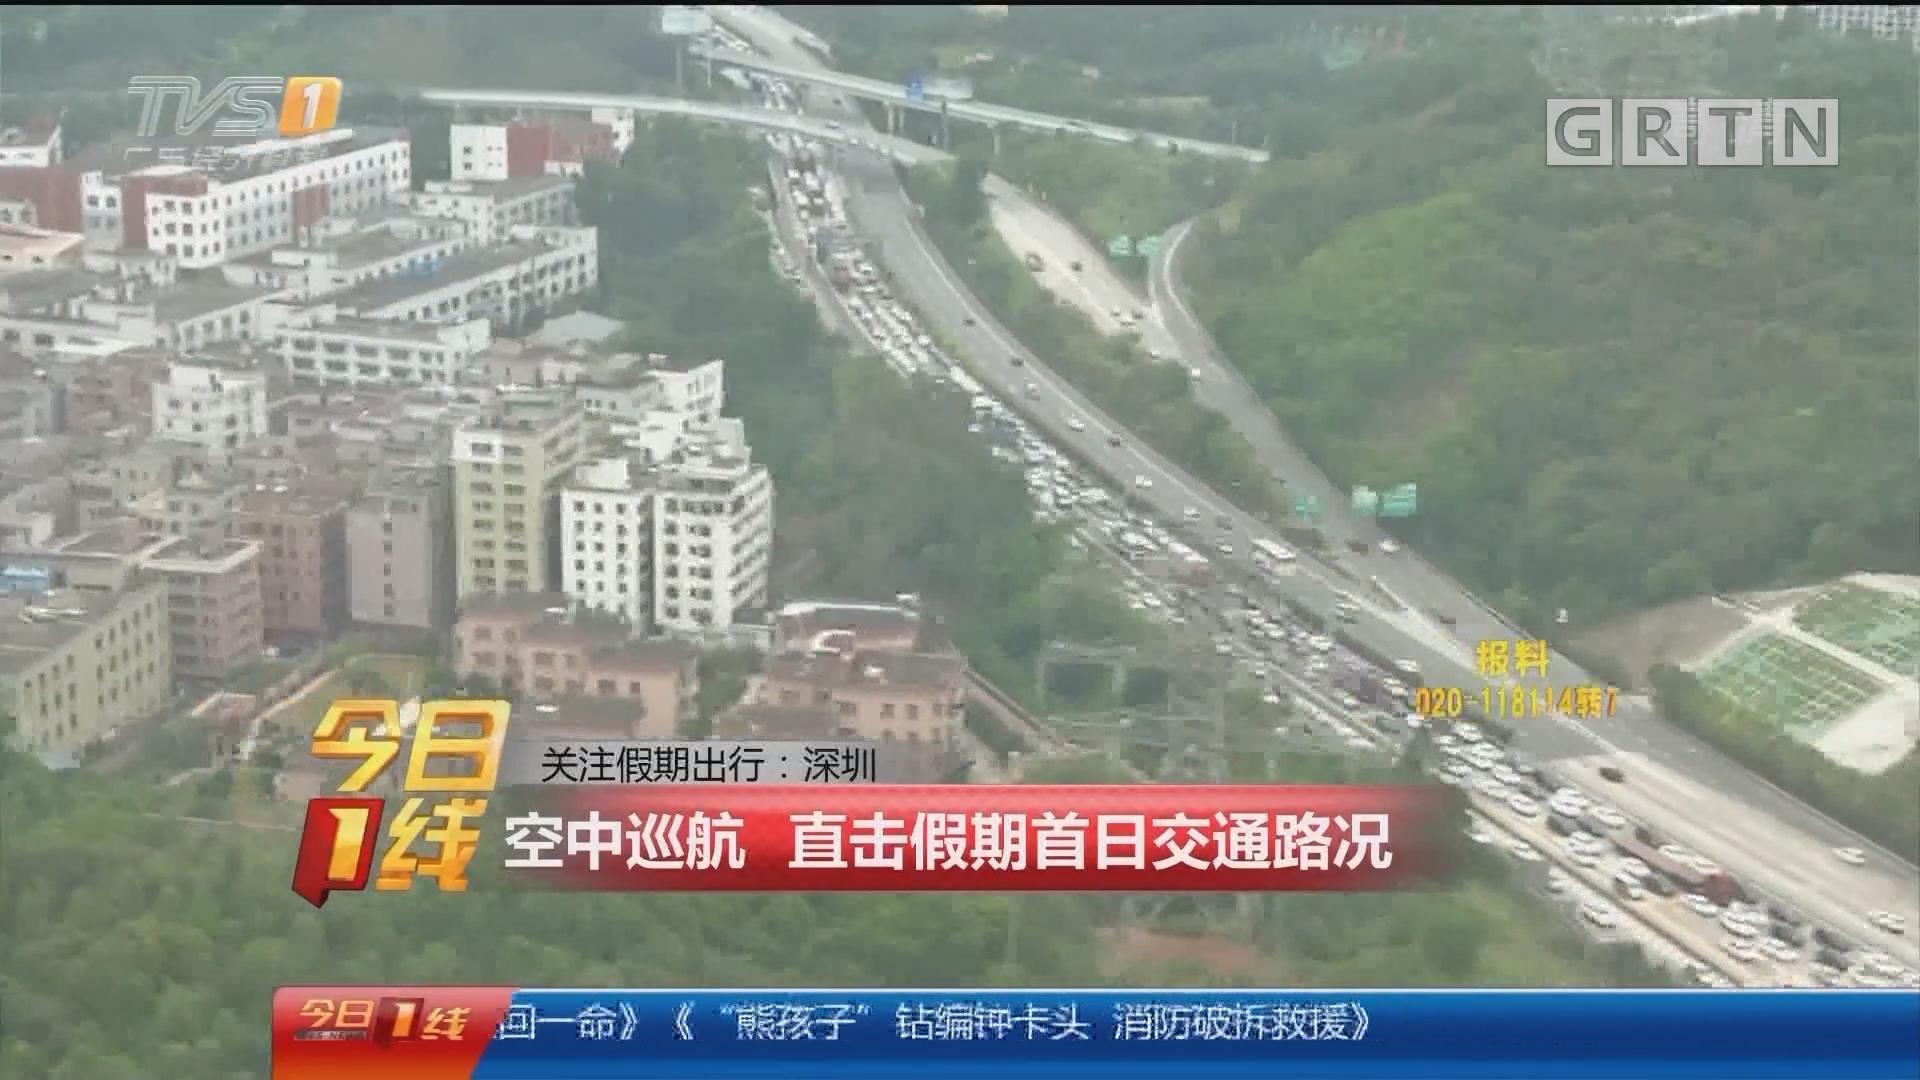 关注假期出行:深圳 空中巡航 直击假期首日交通路况